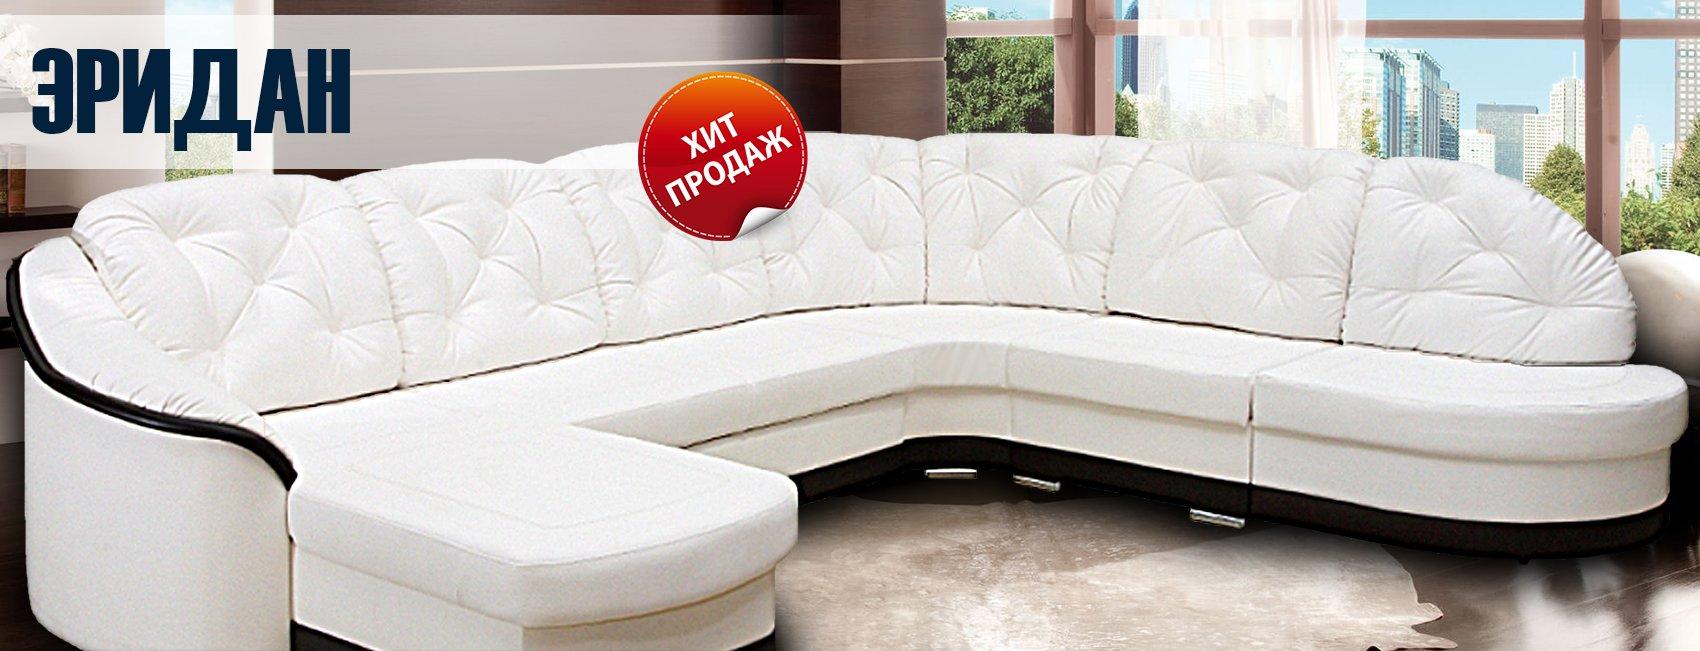 сириус фабрика мягкой мебели челябинск